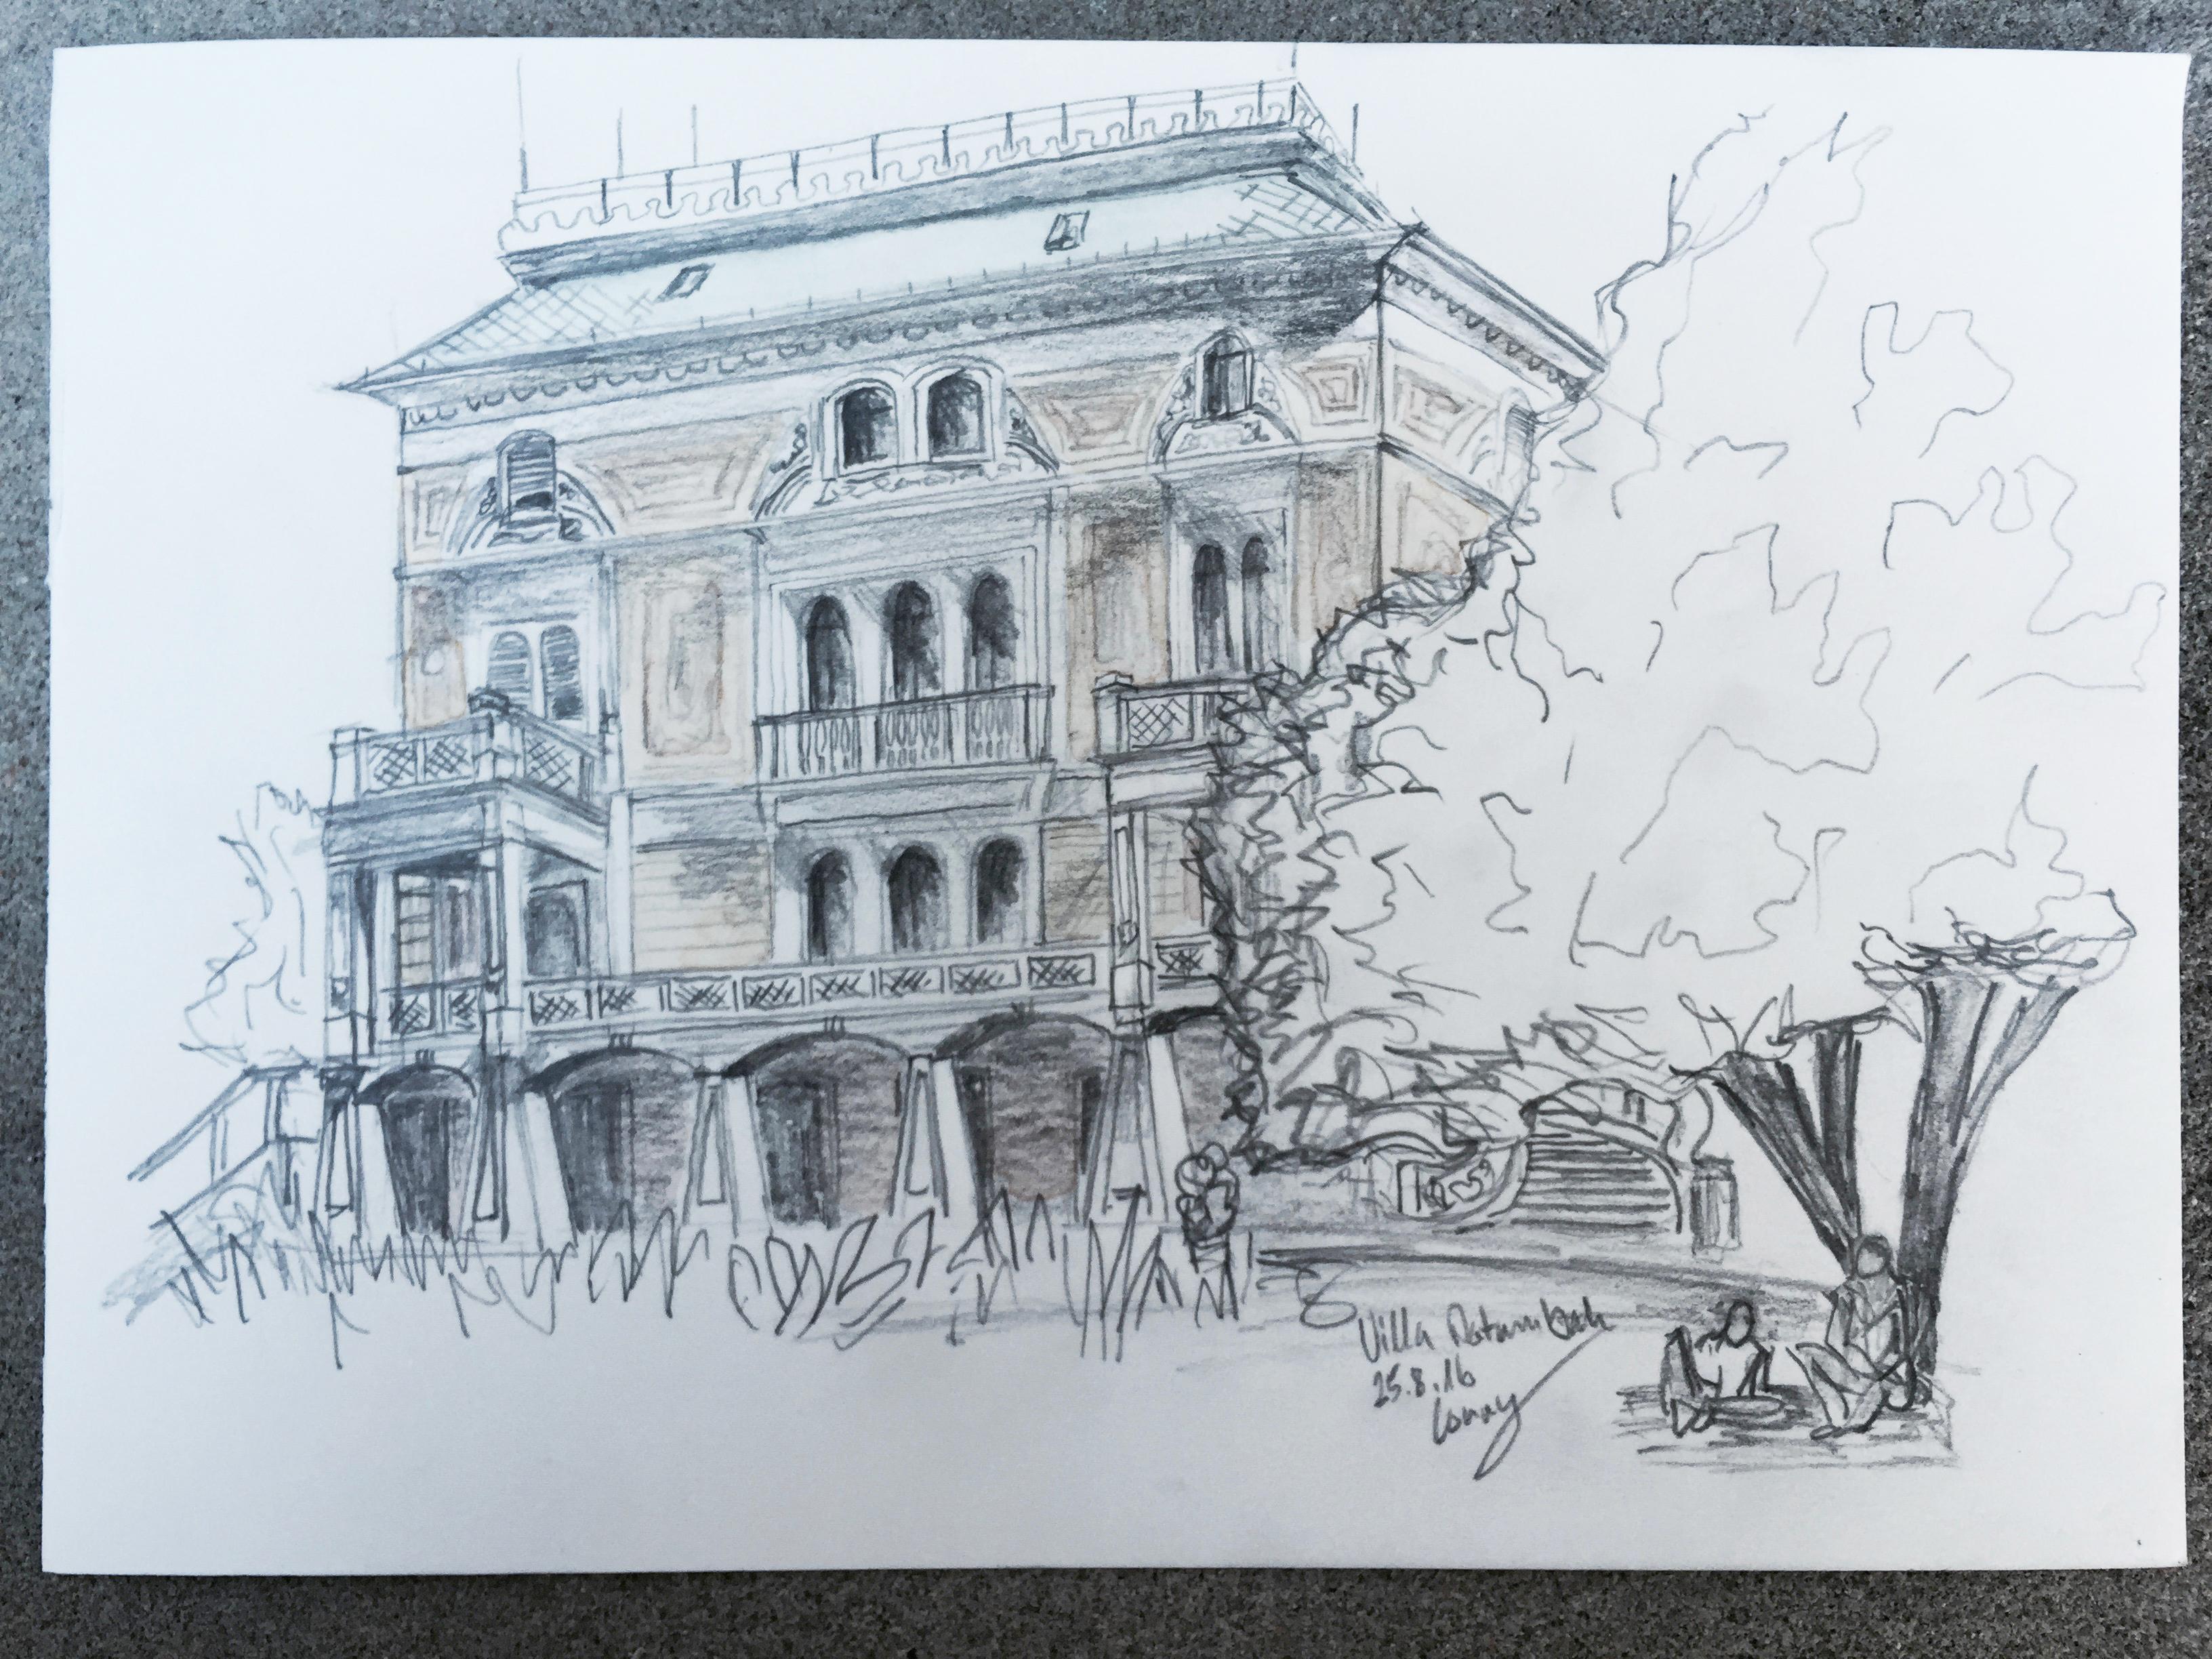 Cornelia Silaghi, Villa Patumbah, Astrid Amadeo, Urban Sketching, Blog, Astrid Schmid, Zeichnen in Zürich